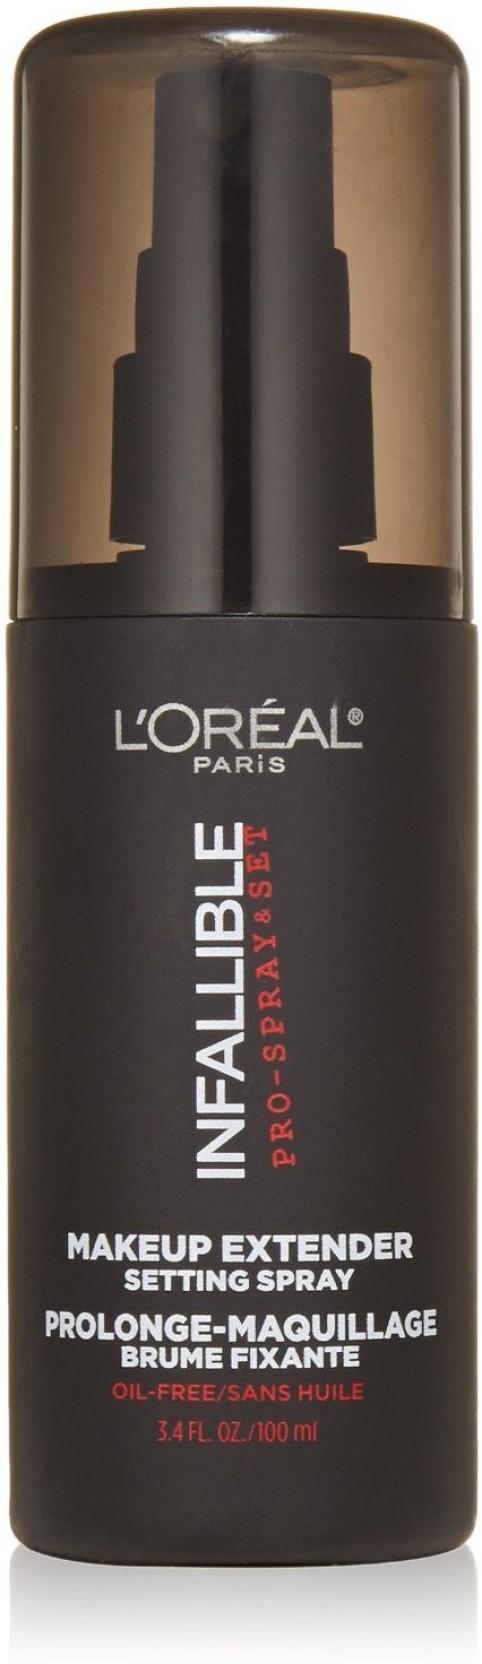 L'Oreal Paris Infallible Makeup